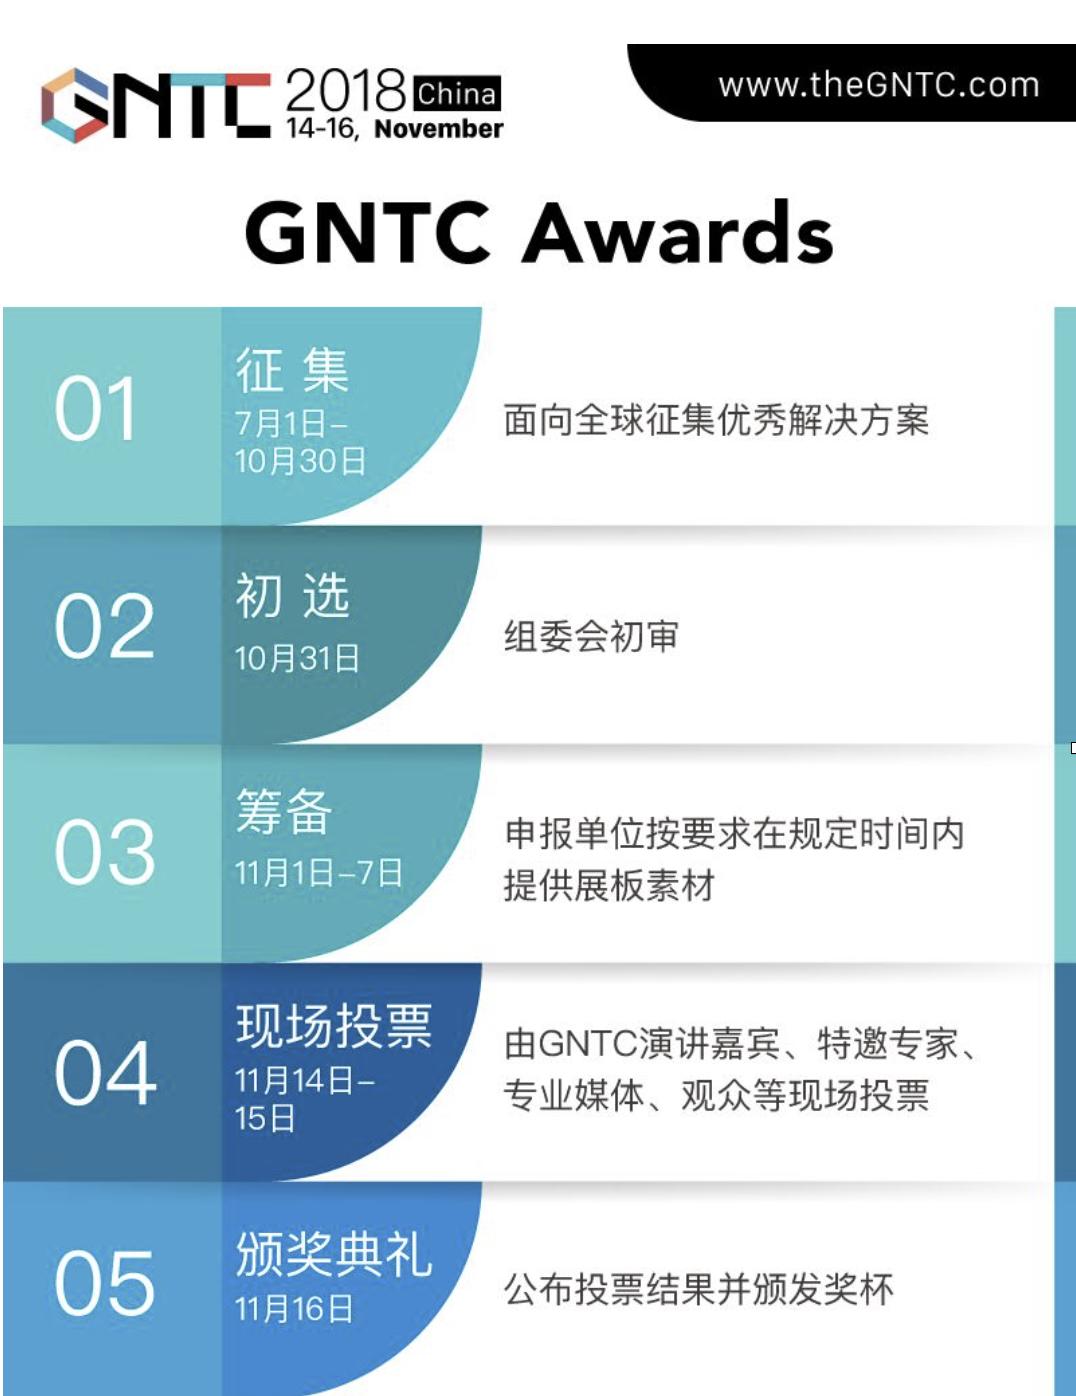 洞见未来 GNTC 2018全球网络技术大会全面升级